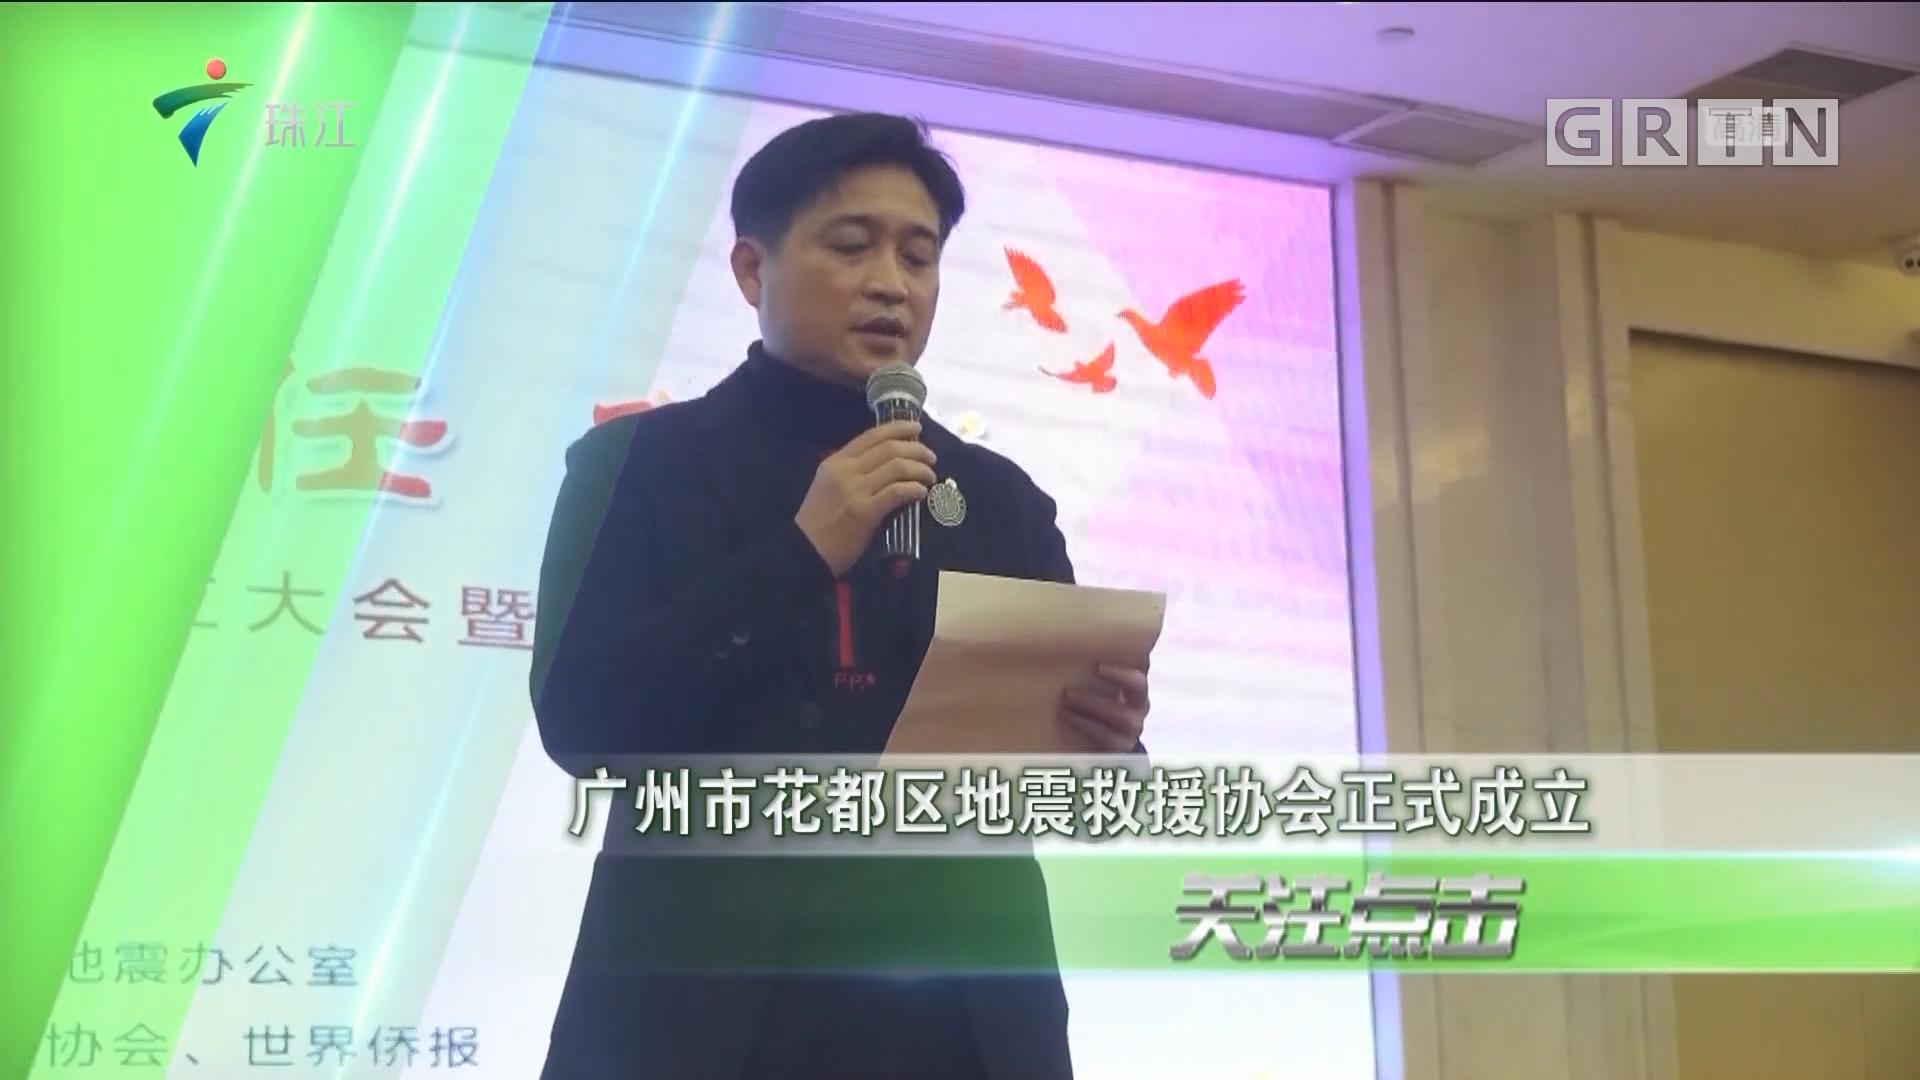 广州市花都区地震救援协会正式成立